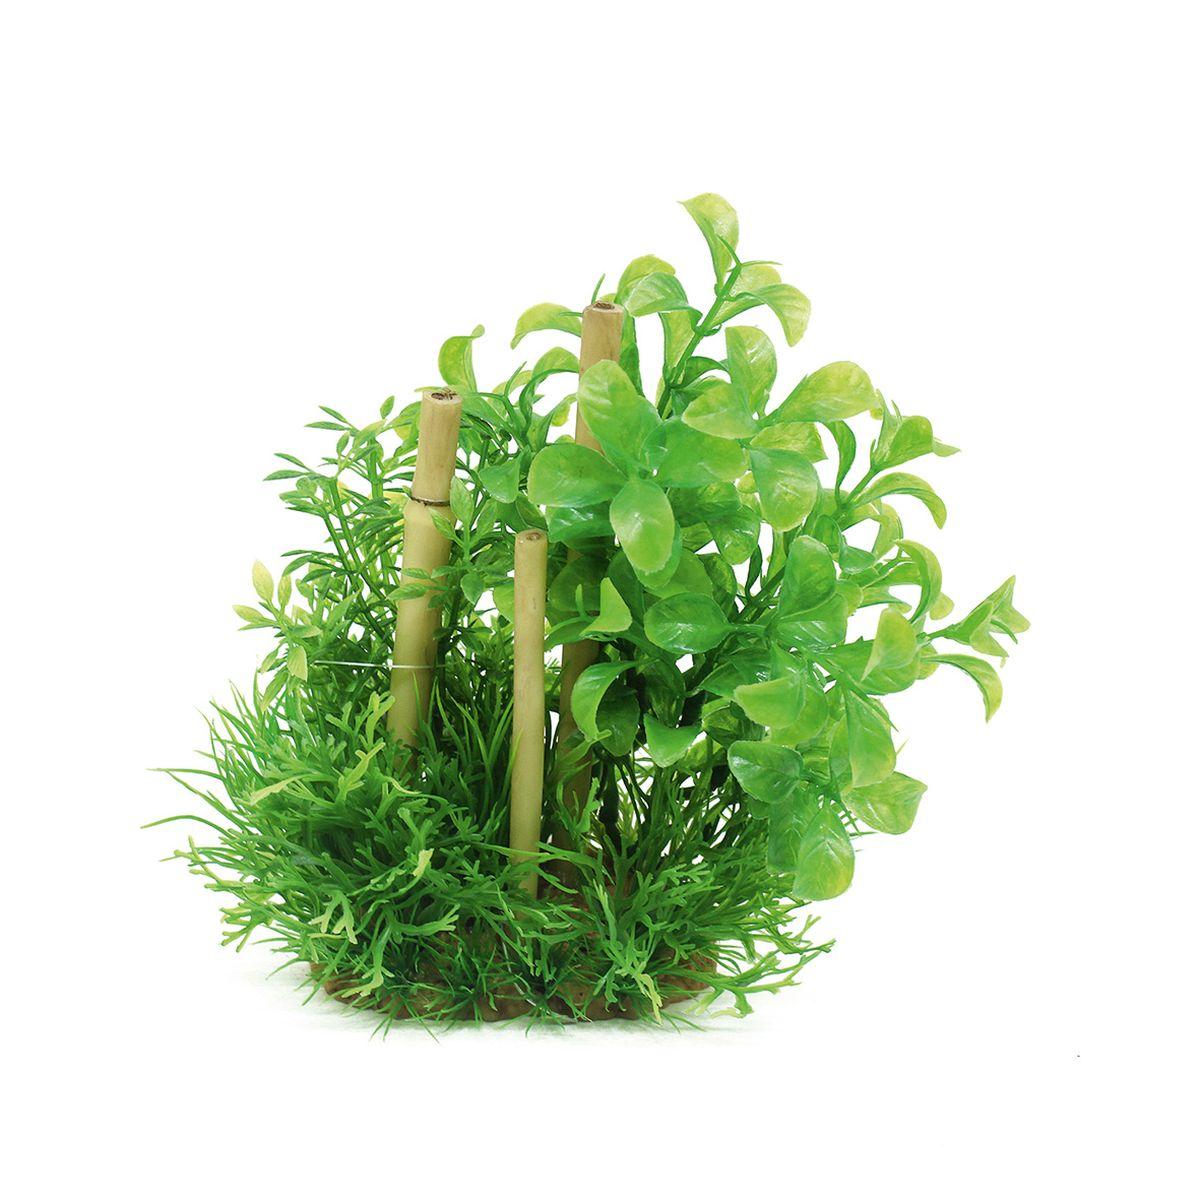 Композиция из растений для аквариума ArtUniq Людвигия зеленая с бамбуком, высота 20 смART-1160506Композиция из растений для аквариума ArtUniq Людвигия зеленая с бамбуком, высота 20 см